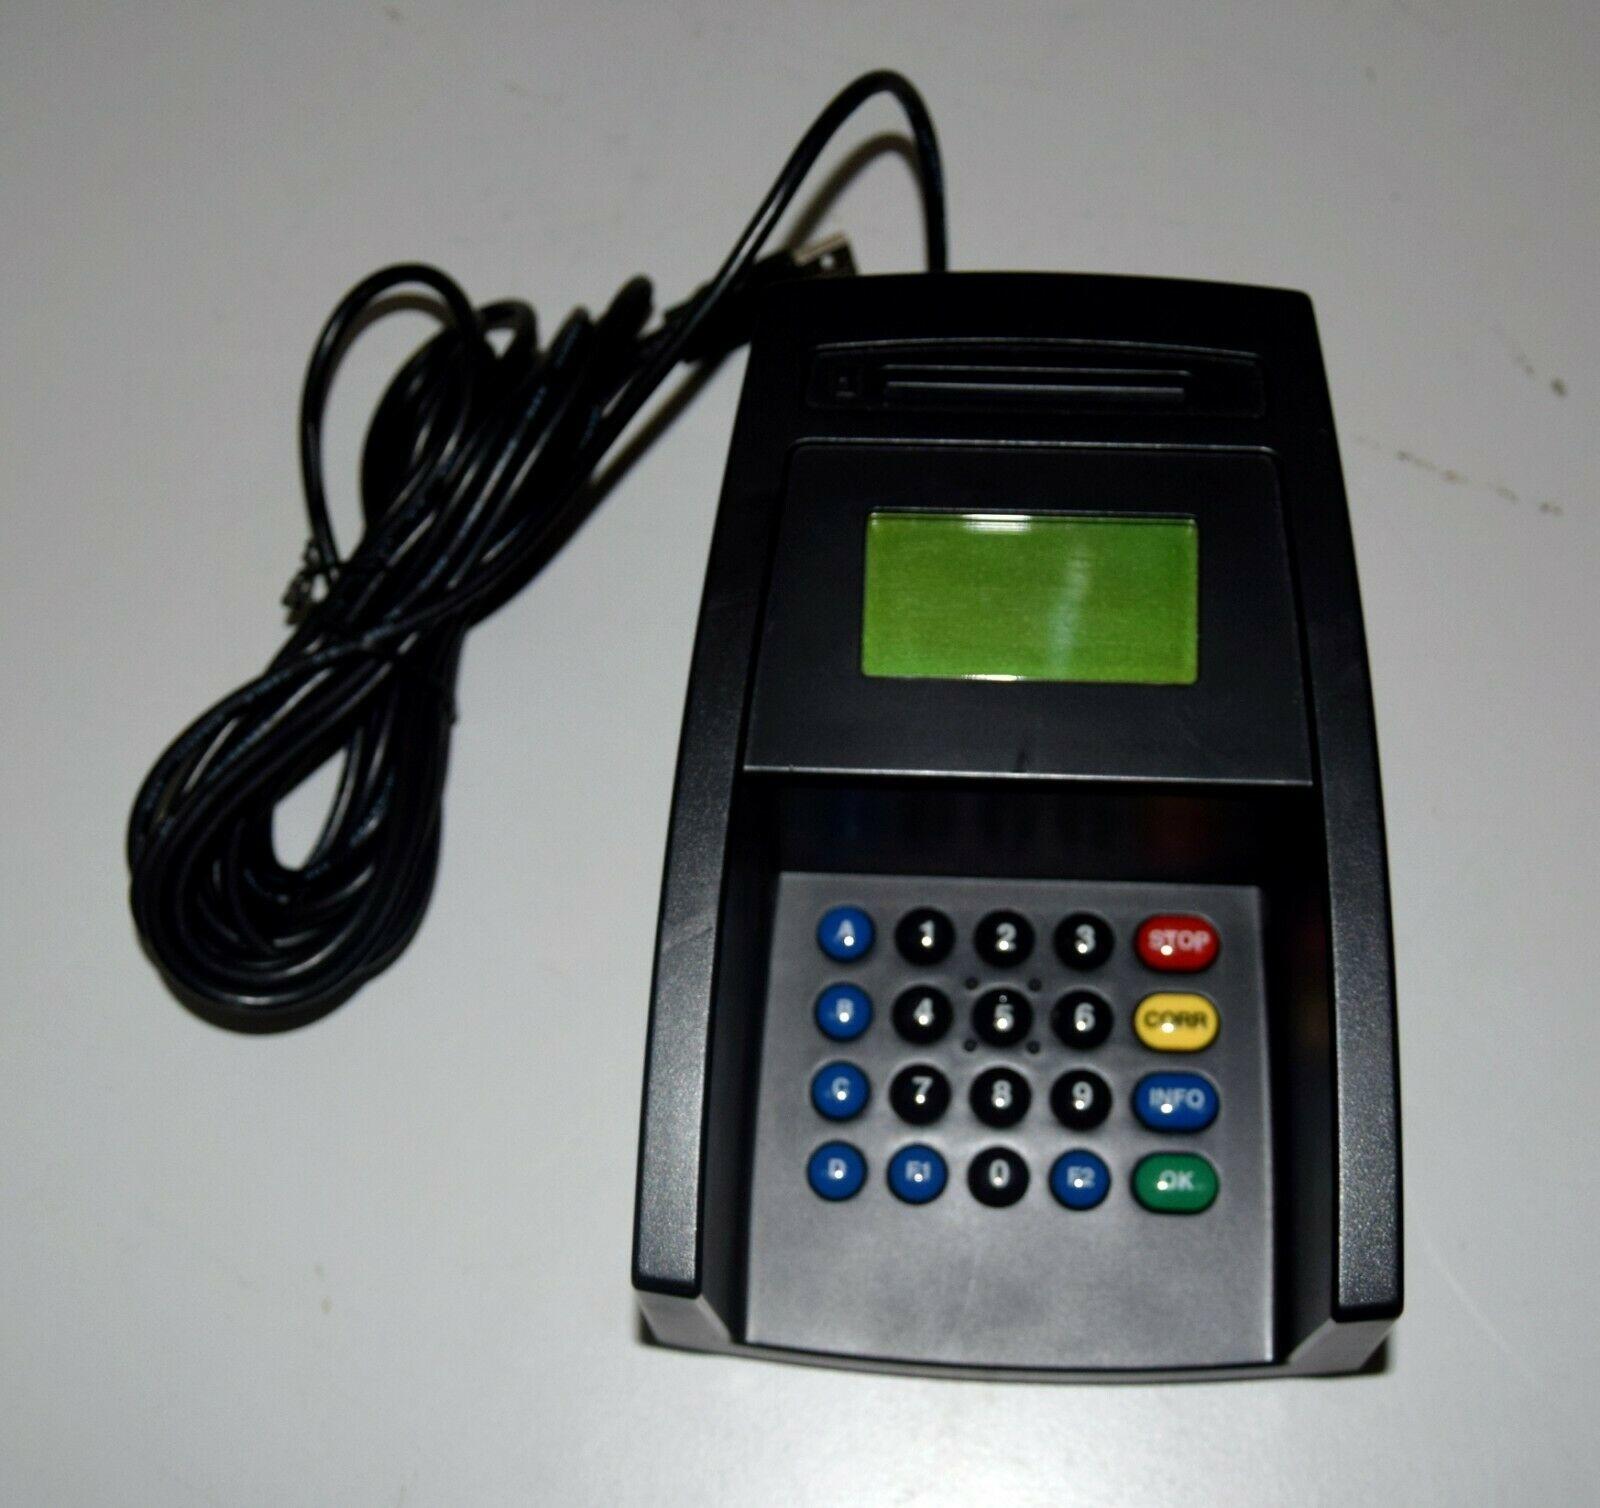 ETS Etsk-6-6-6 EC-Terminal Card Terminal Cash Terminal - BuyGreen